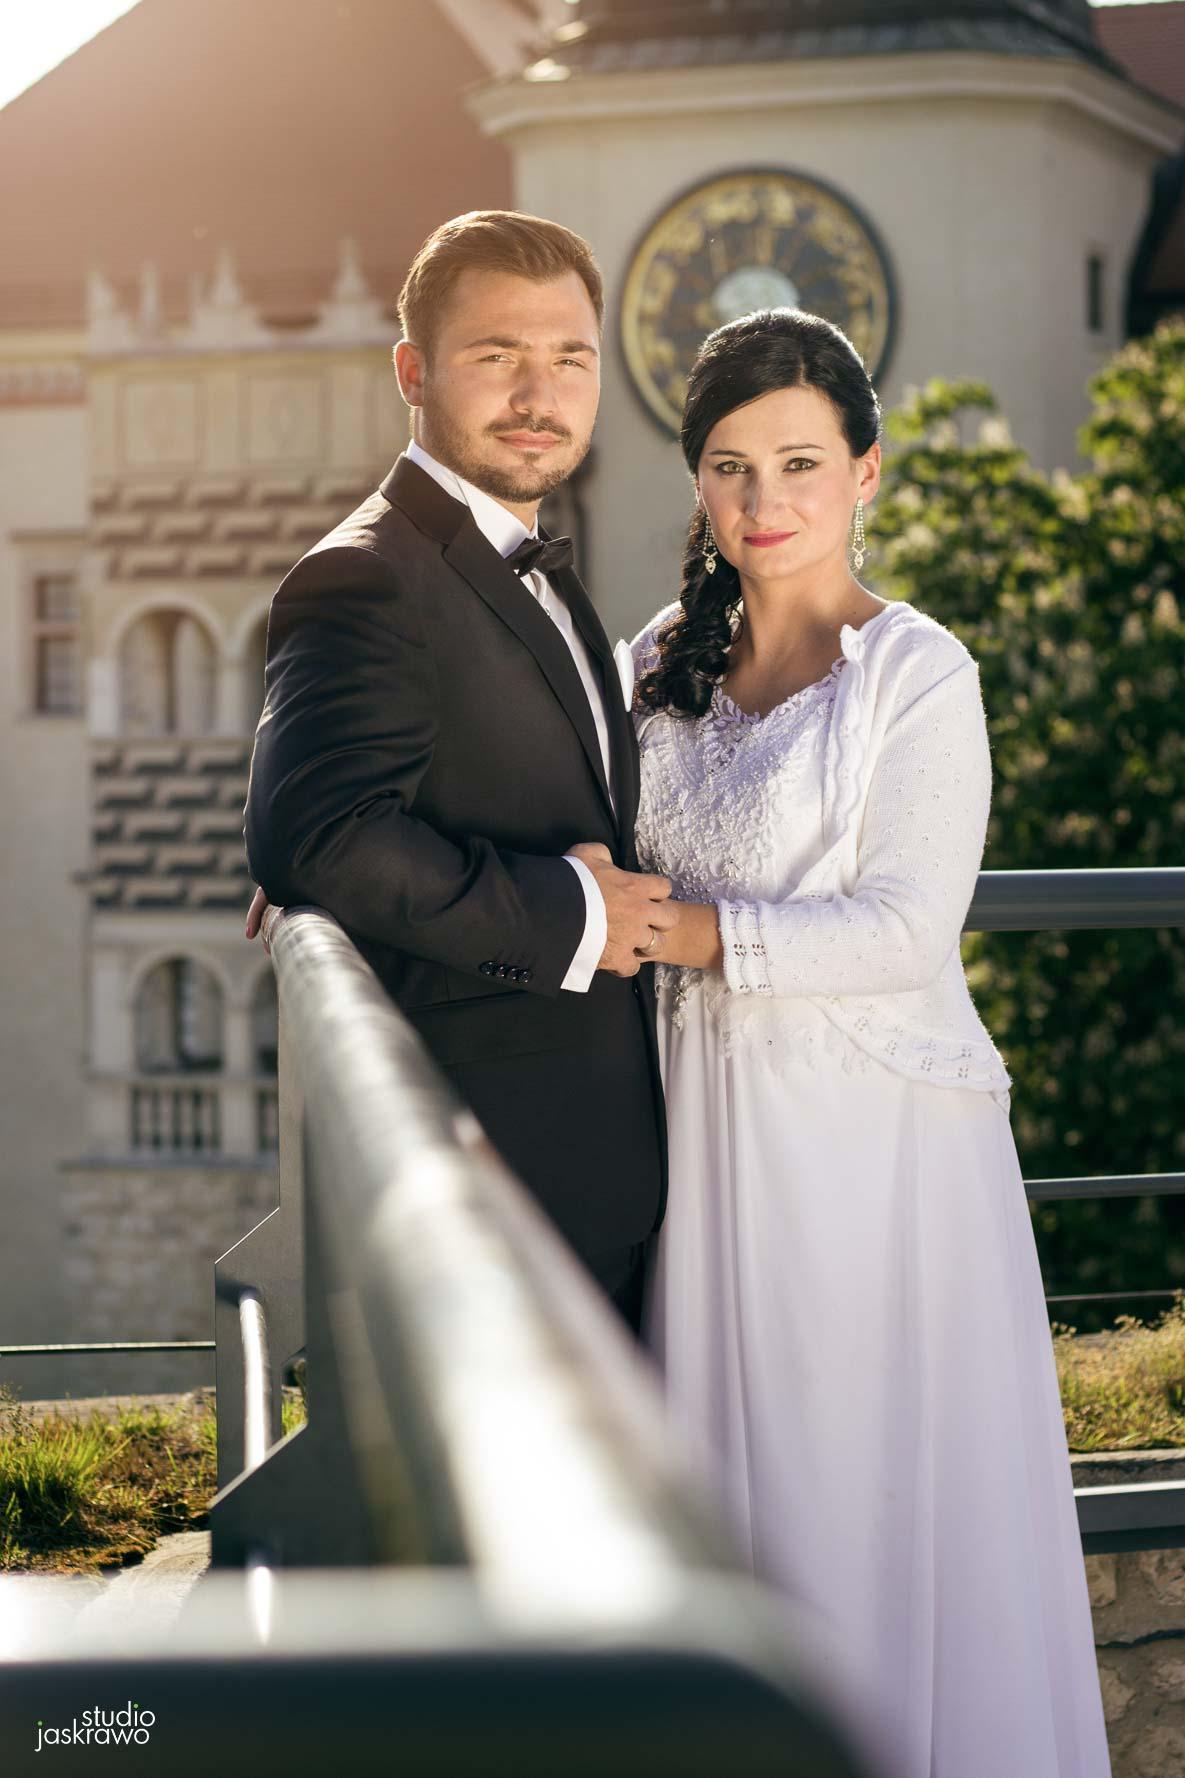 nowożeńcy na tle pałacu, mężczyzna w garniturze po lewo, kobieta w sukni po prawo